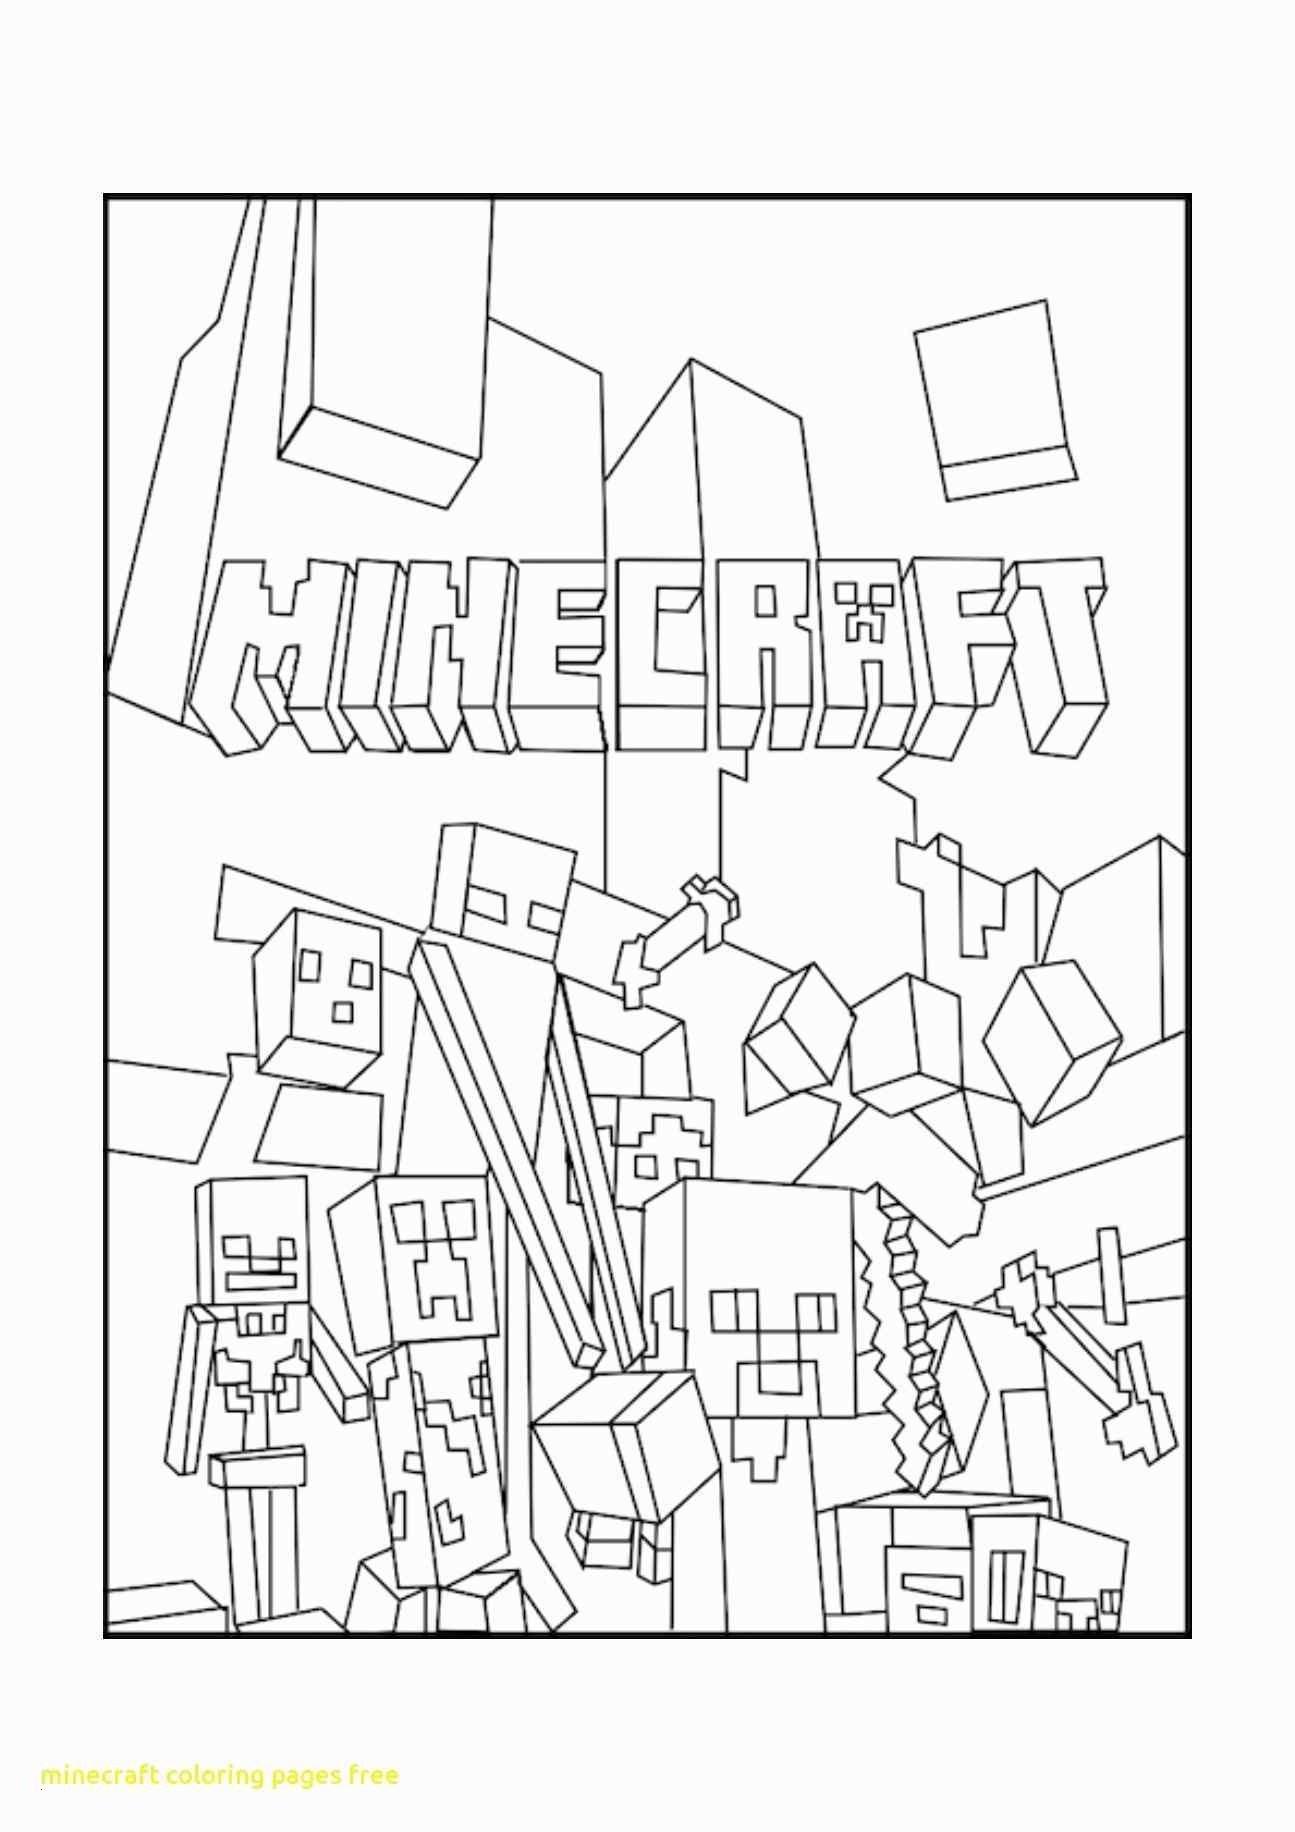 Minecraft Bilder Zum Ausmalen Inspirierend 35 Minecraft Ausmalbilder Drucken Scoredatscore Frisch topmodel Fotografieren